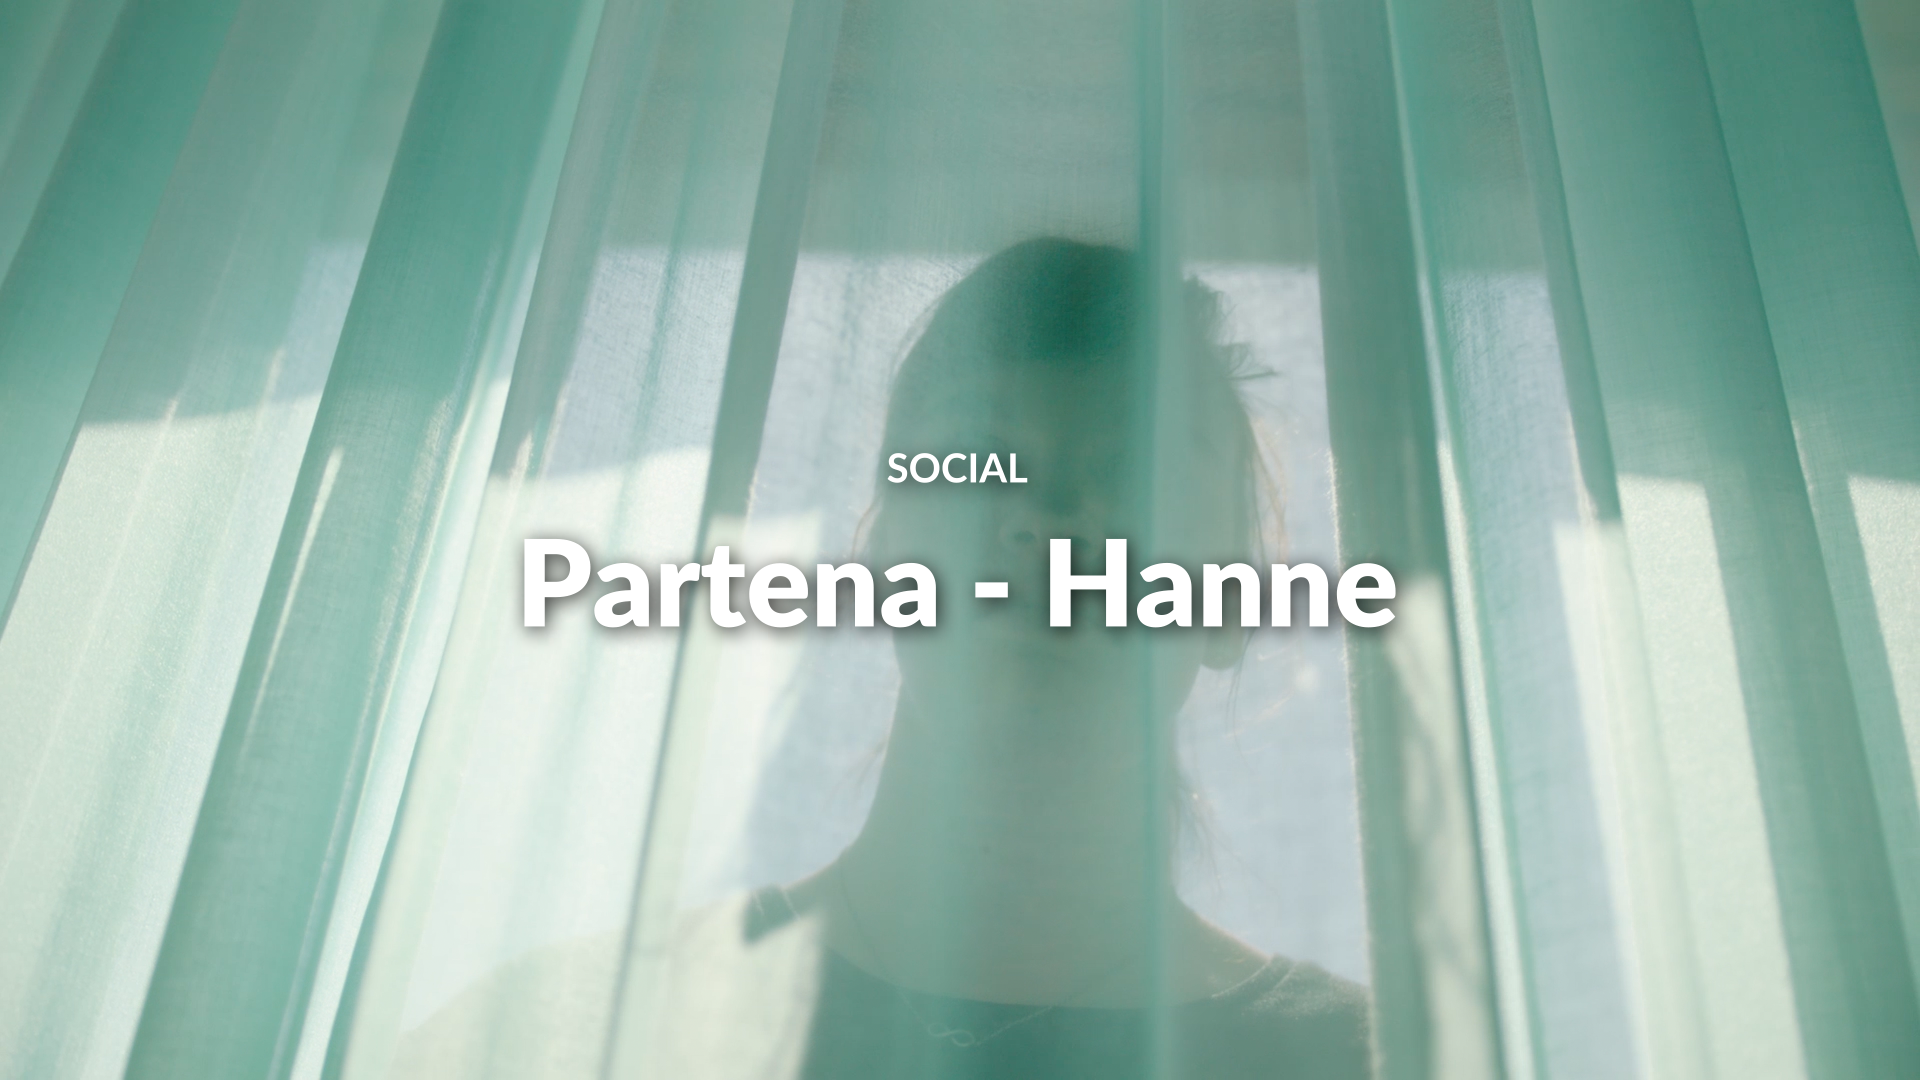 Partena - Repo_Hanne_00000.png